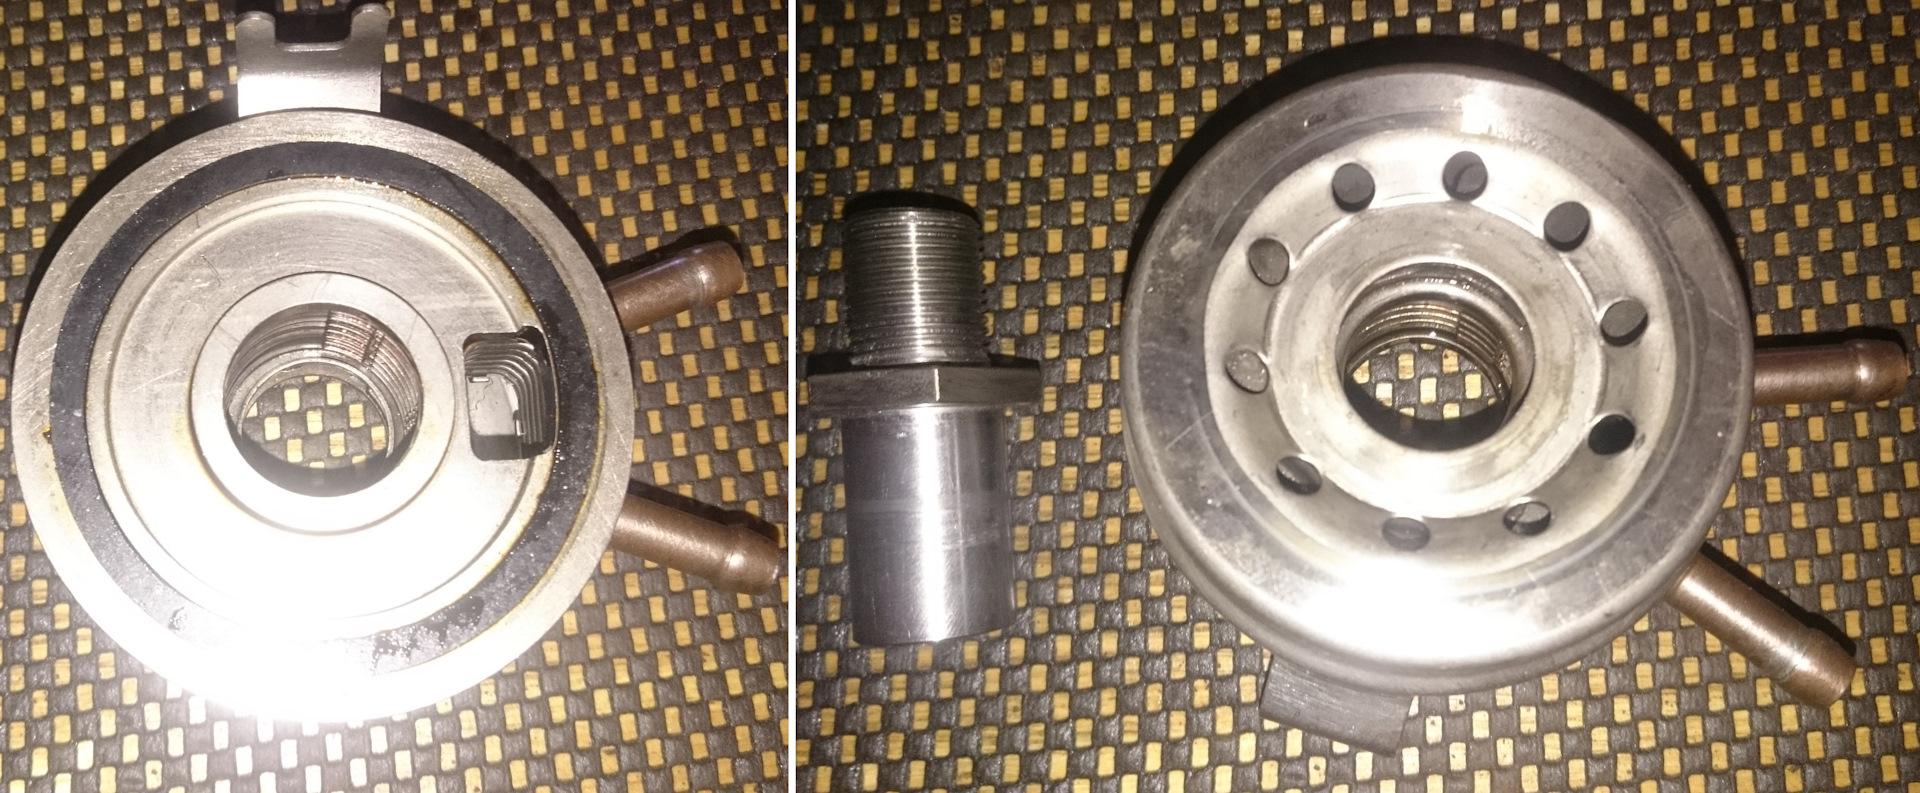 Теплообменник для сузуки Пластинчатый теплообменник HISAKA SX-20 Анжеро-Судженск